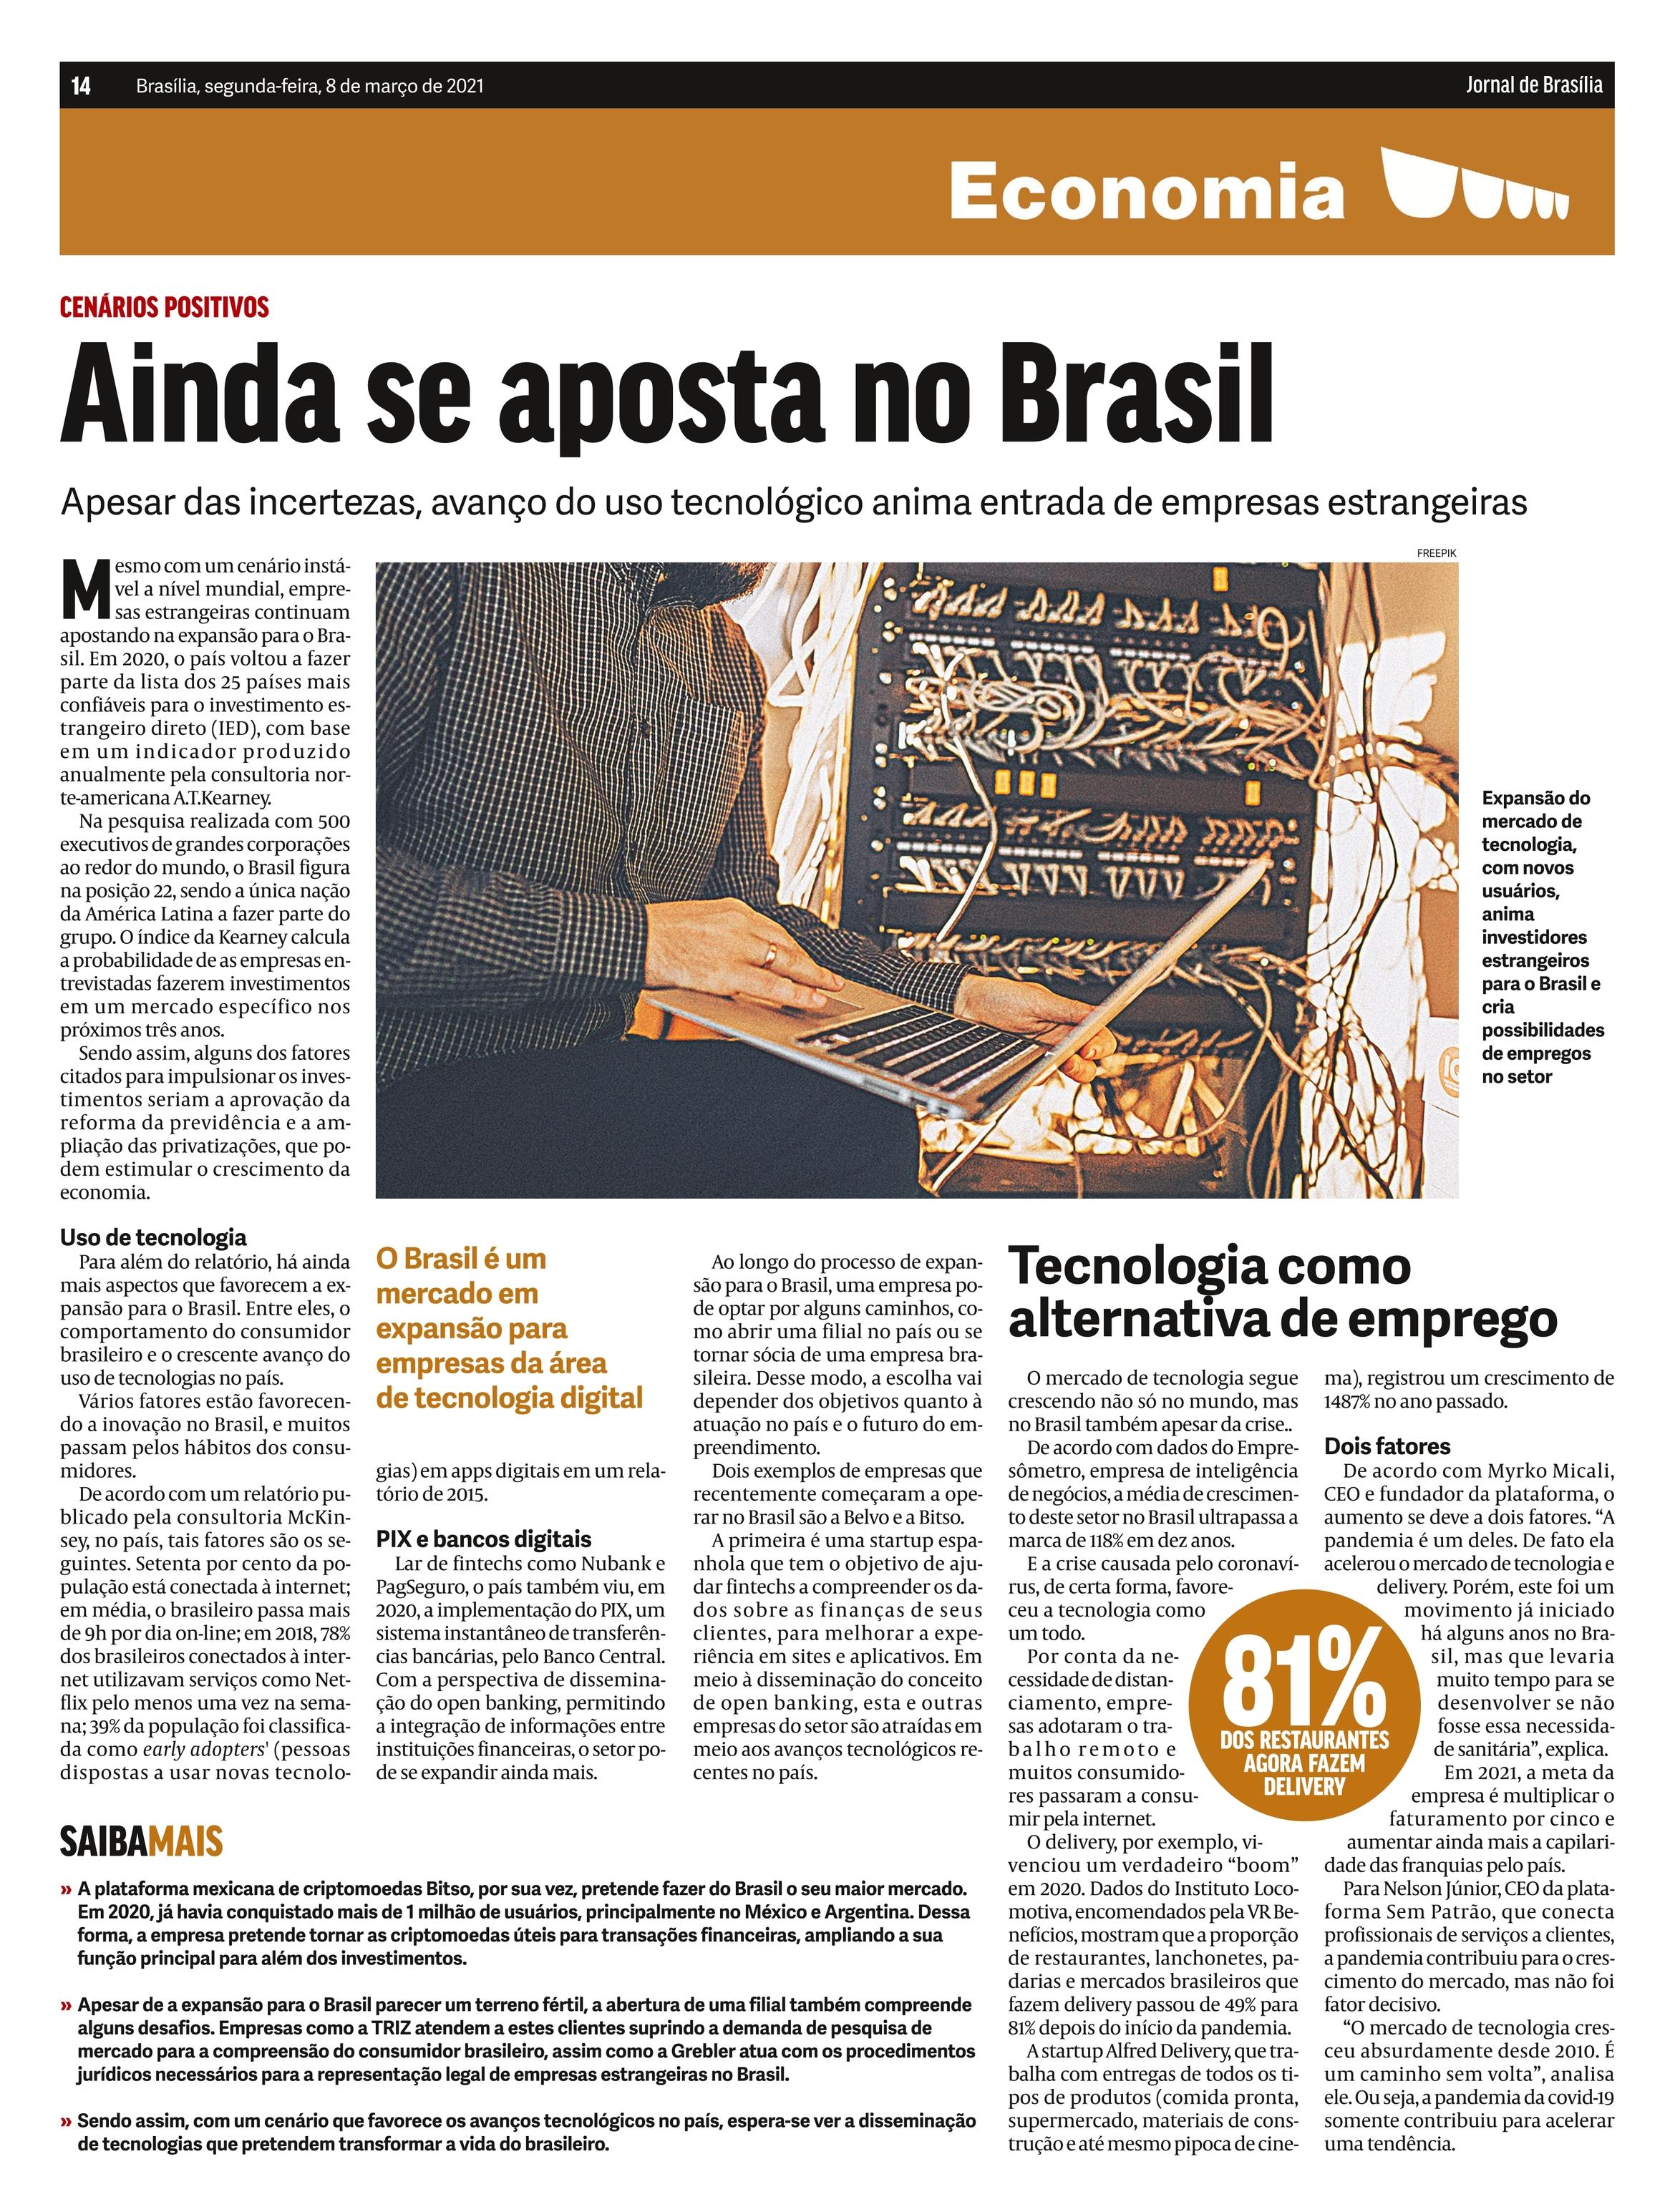 Tecnologia como alternativa de emprego - Jornal de Brasília